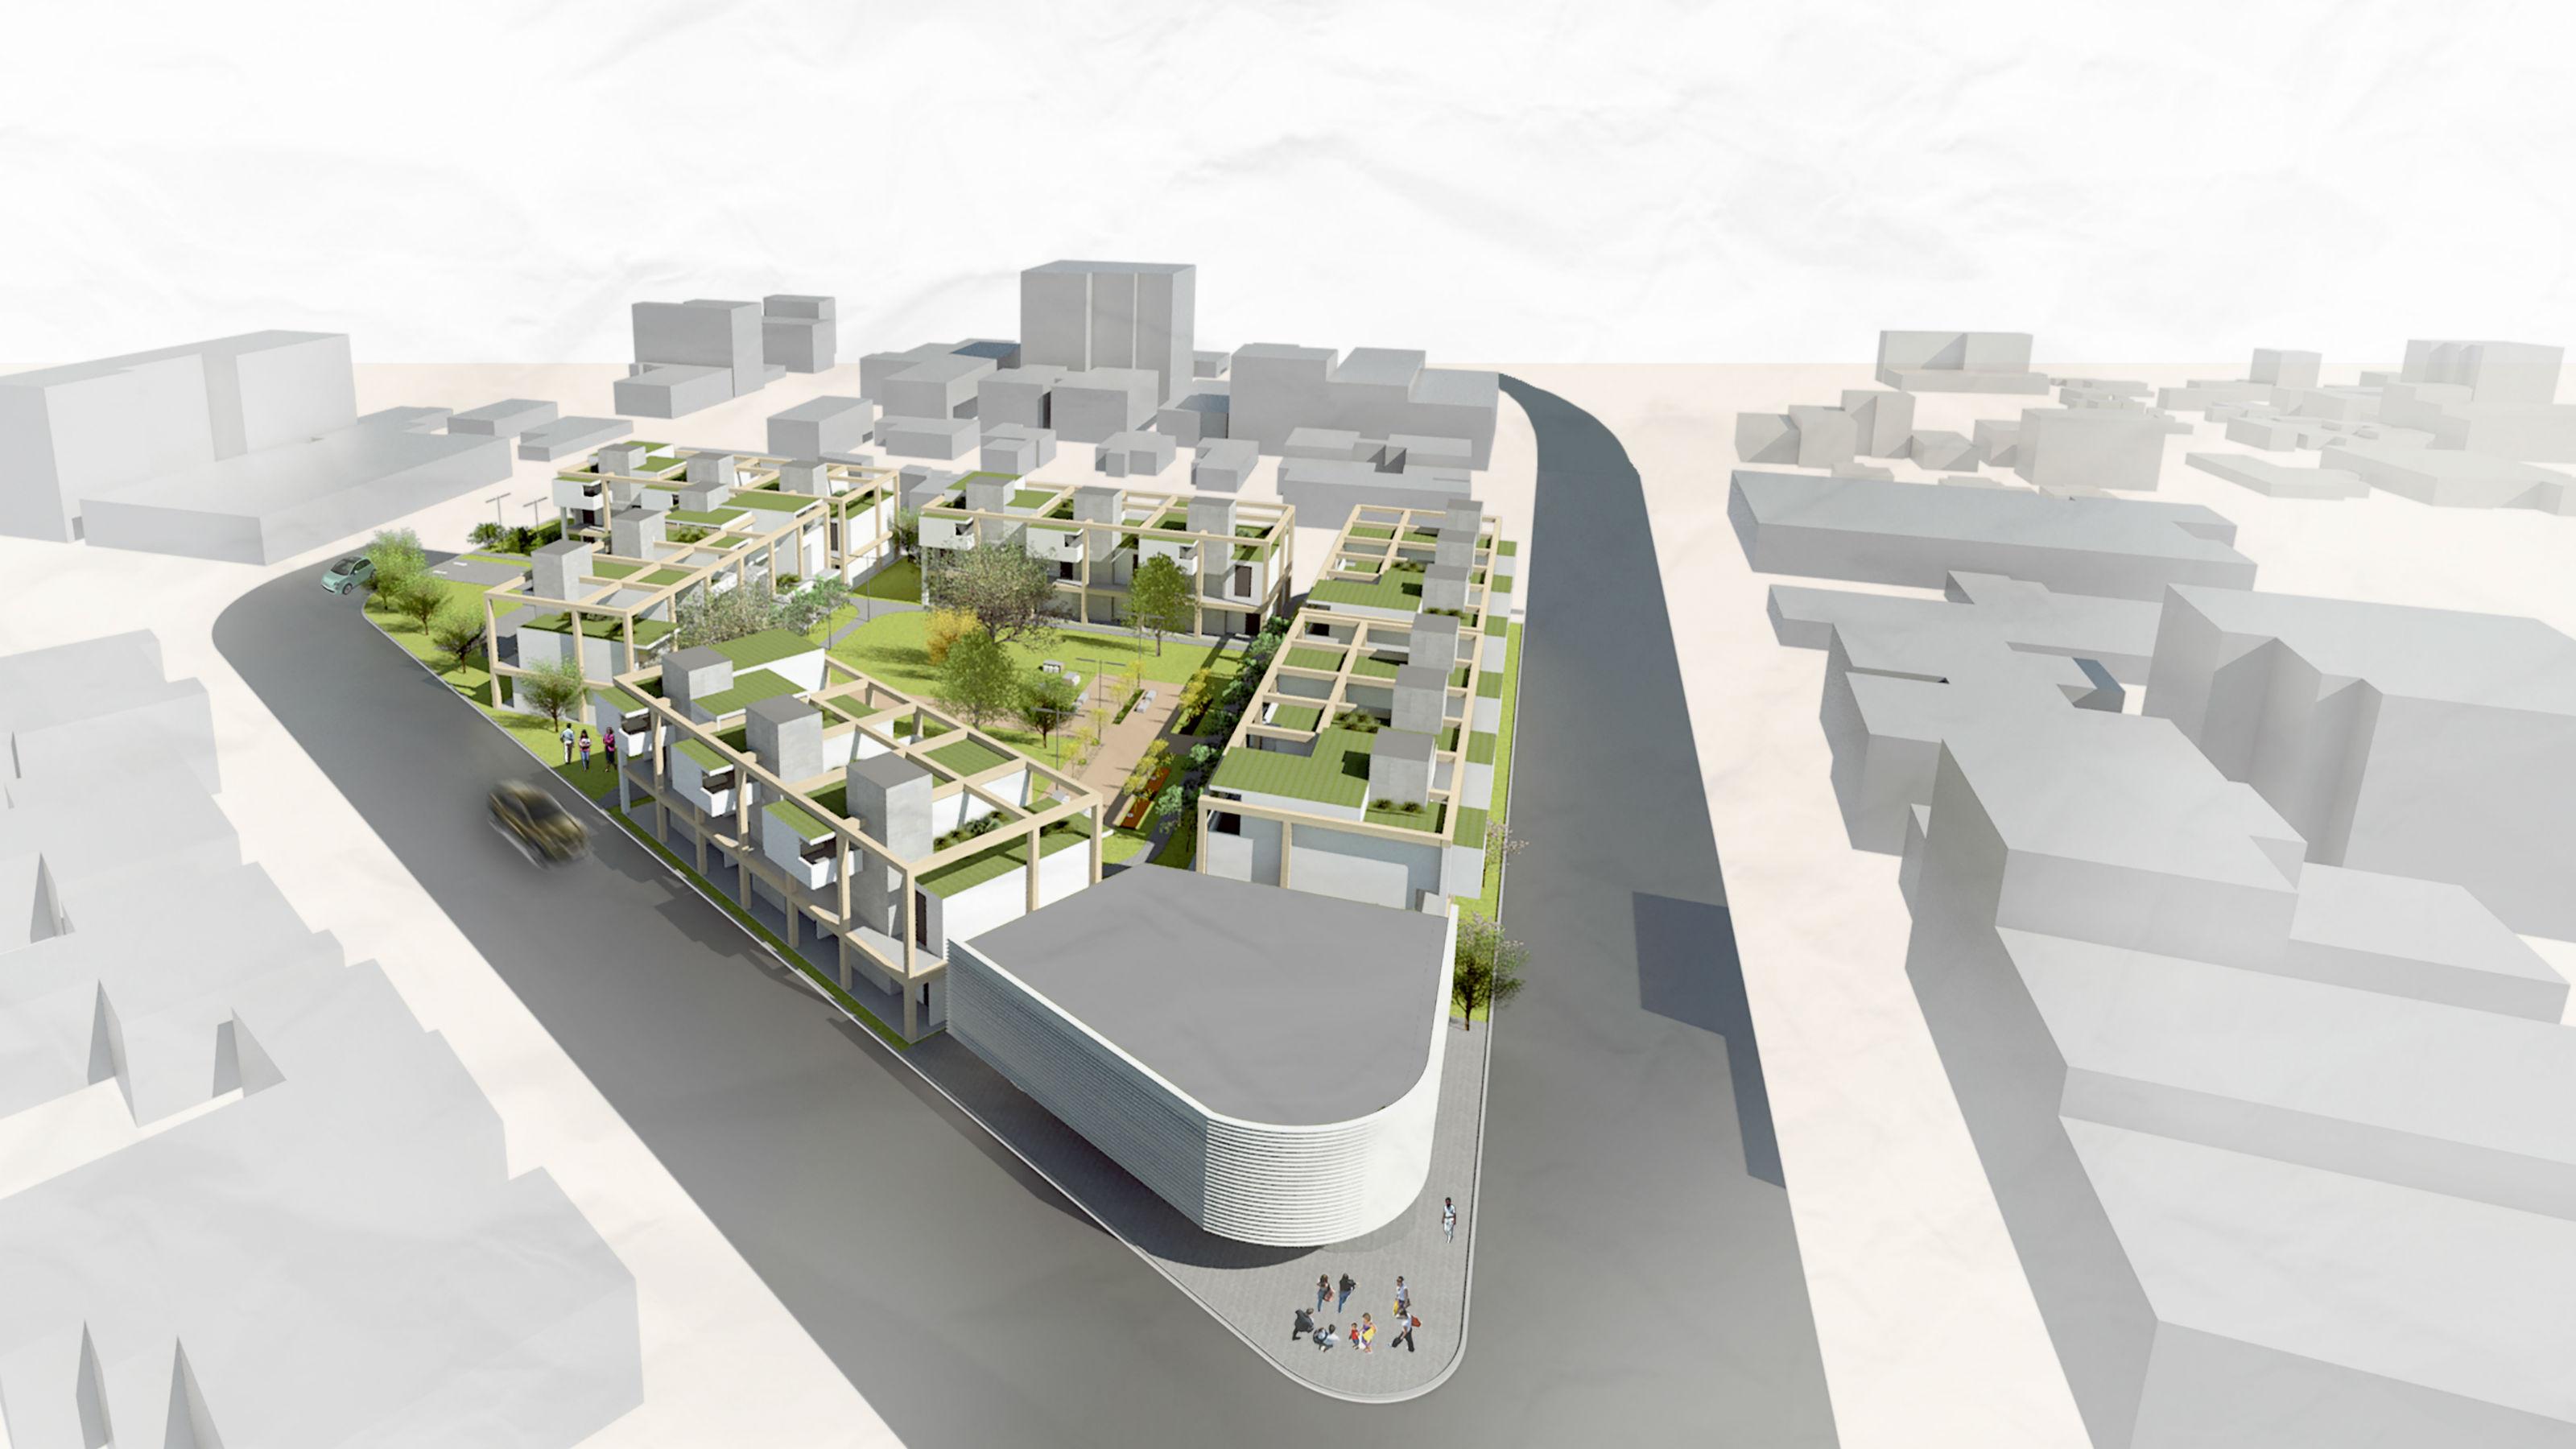 A bird's-eye view looking over a modular housing concept design